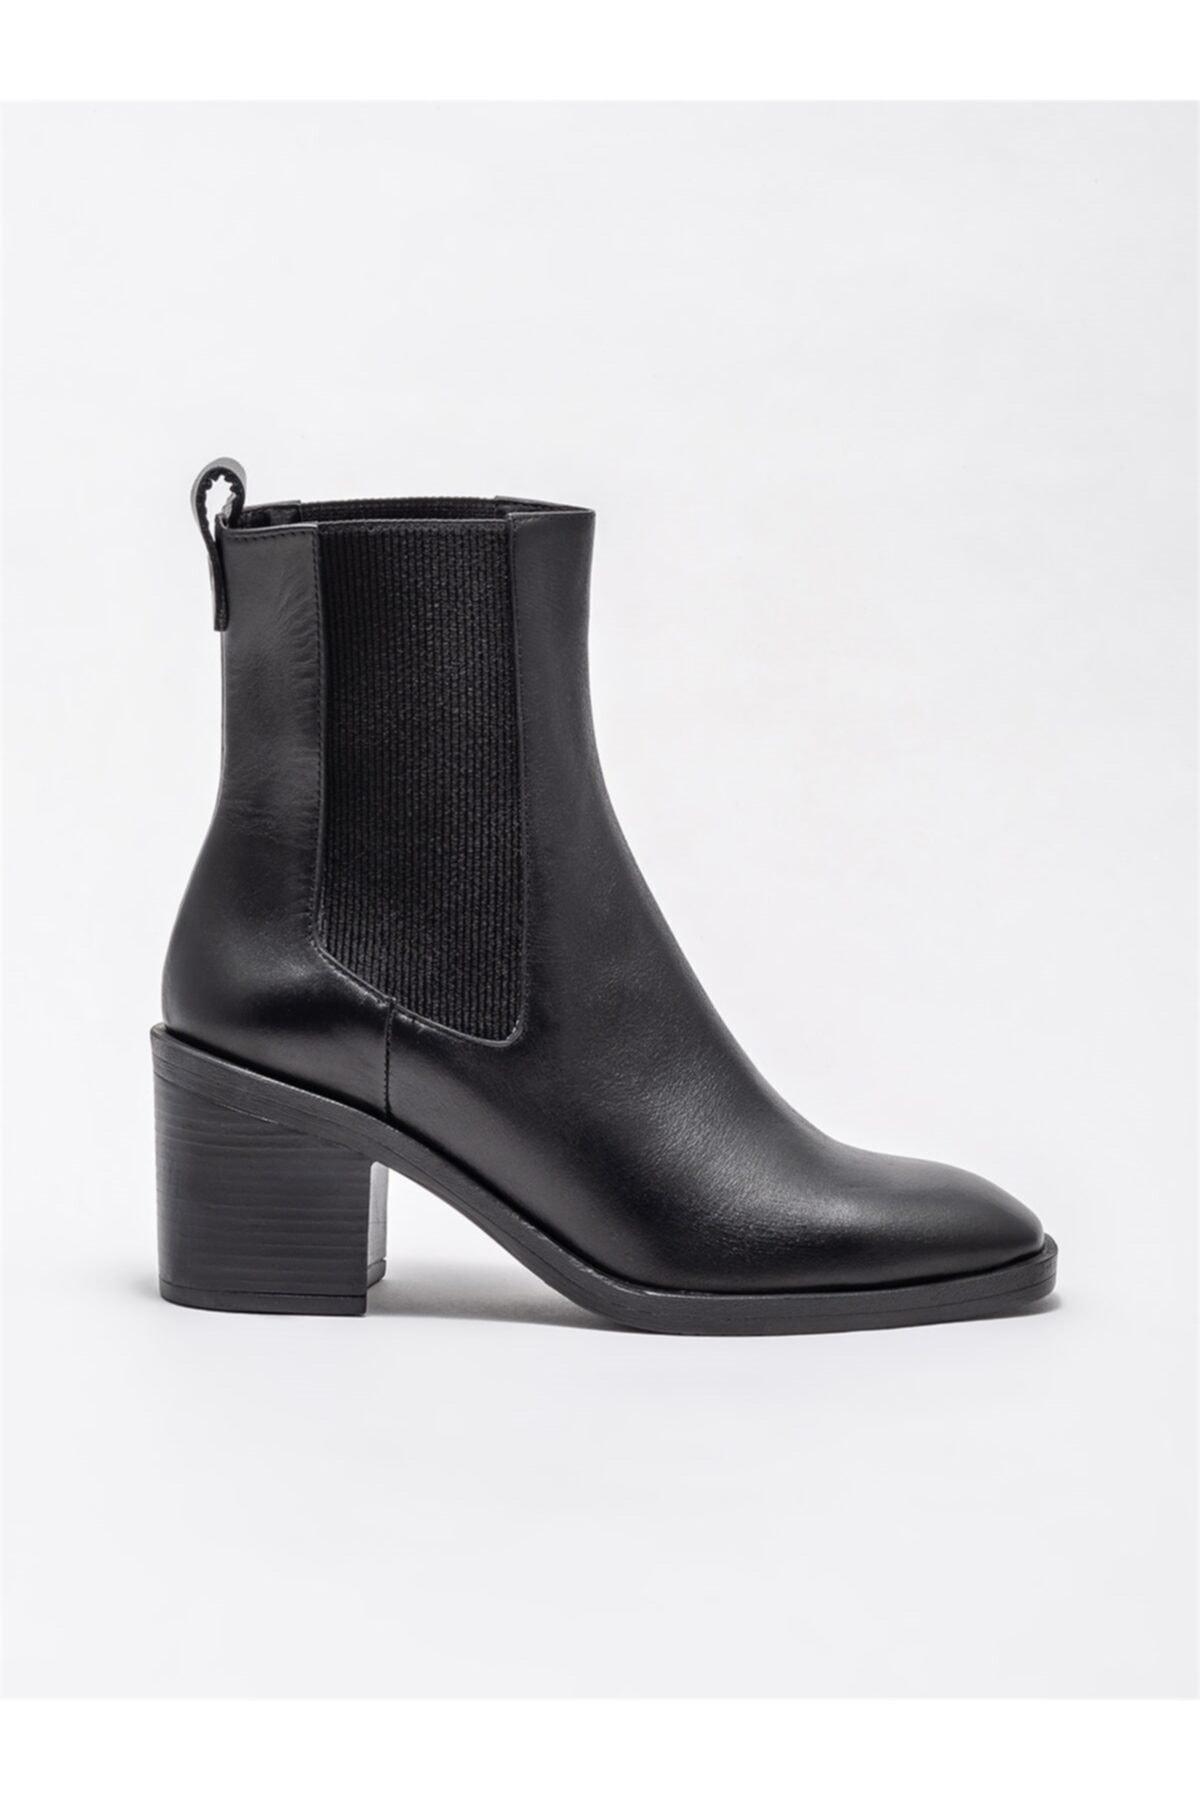 Elle Shoes Siyah Kadın Günlük Topuklu Bot 1